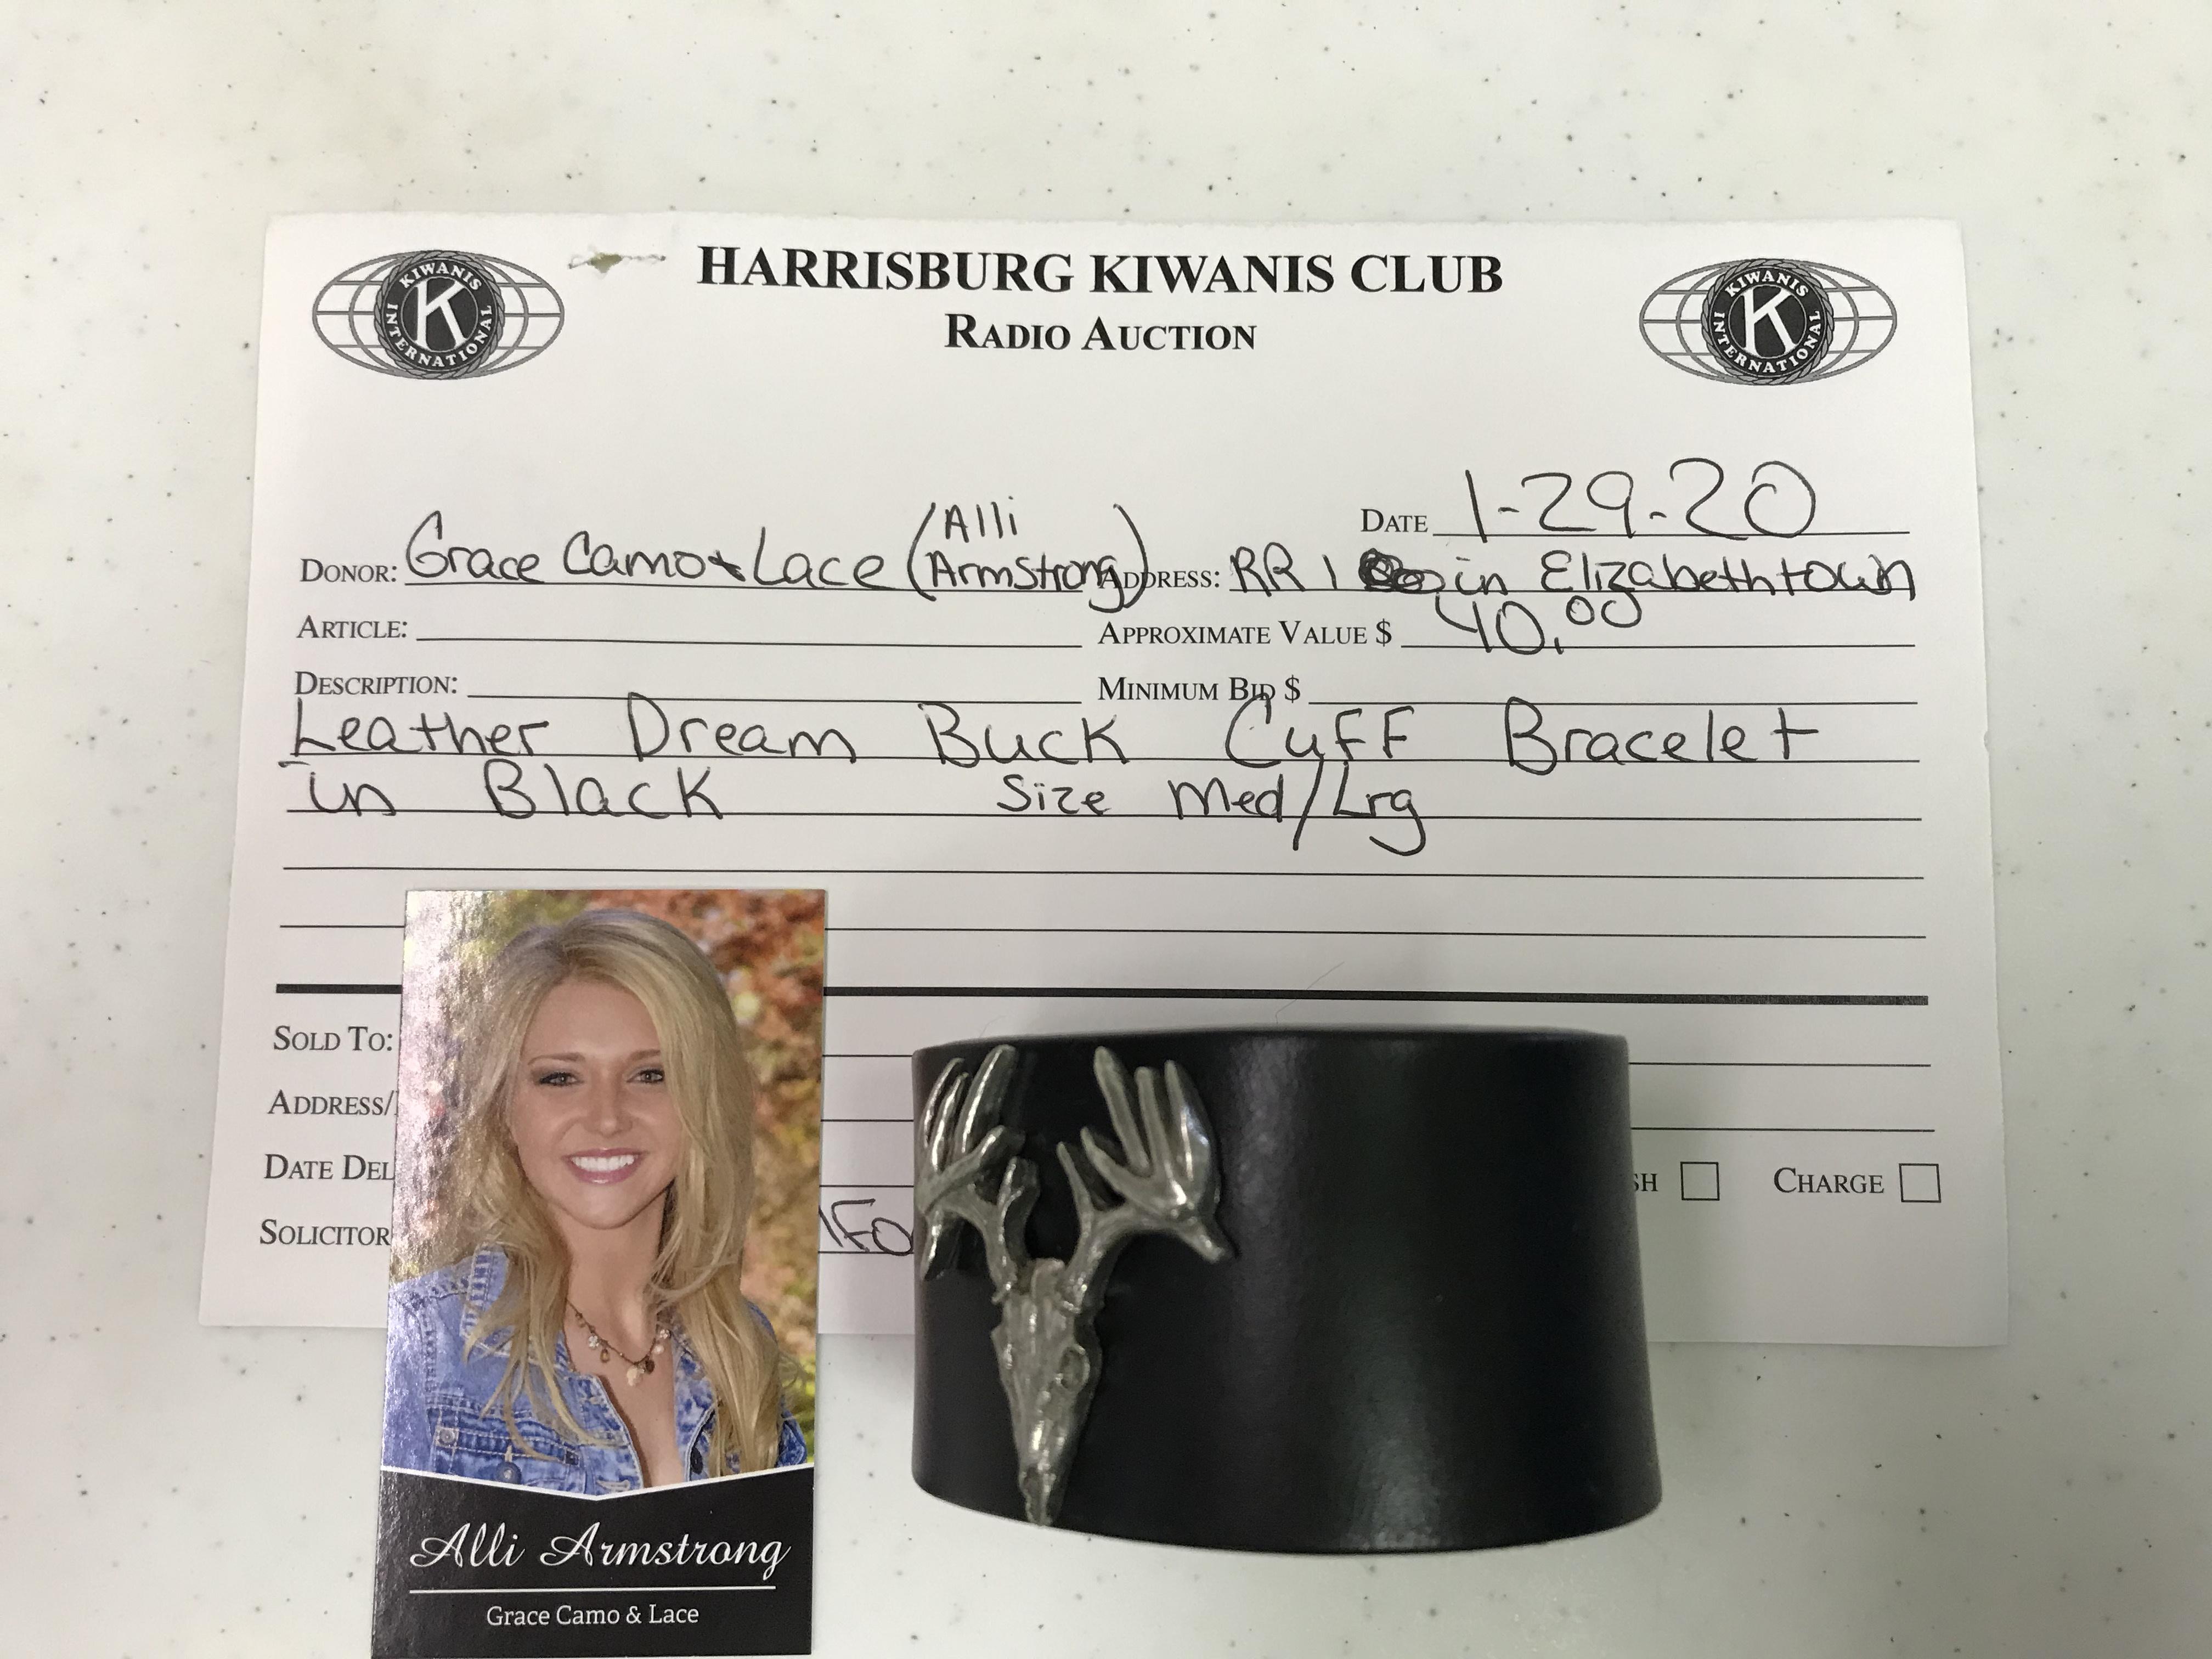 Item 131 - Grace Camo & Lace - Alli Armstrong Leather Dream Buck Cuff Bracelet Size Medium/Large